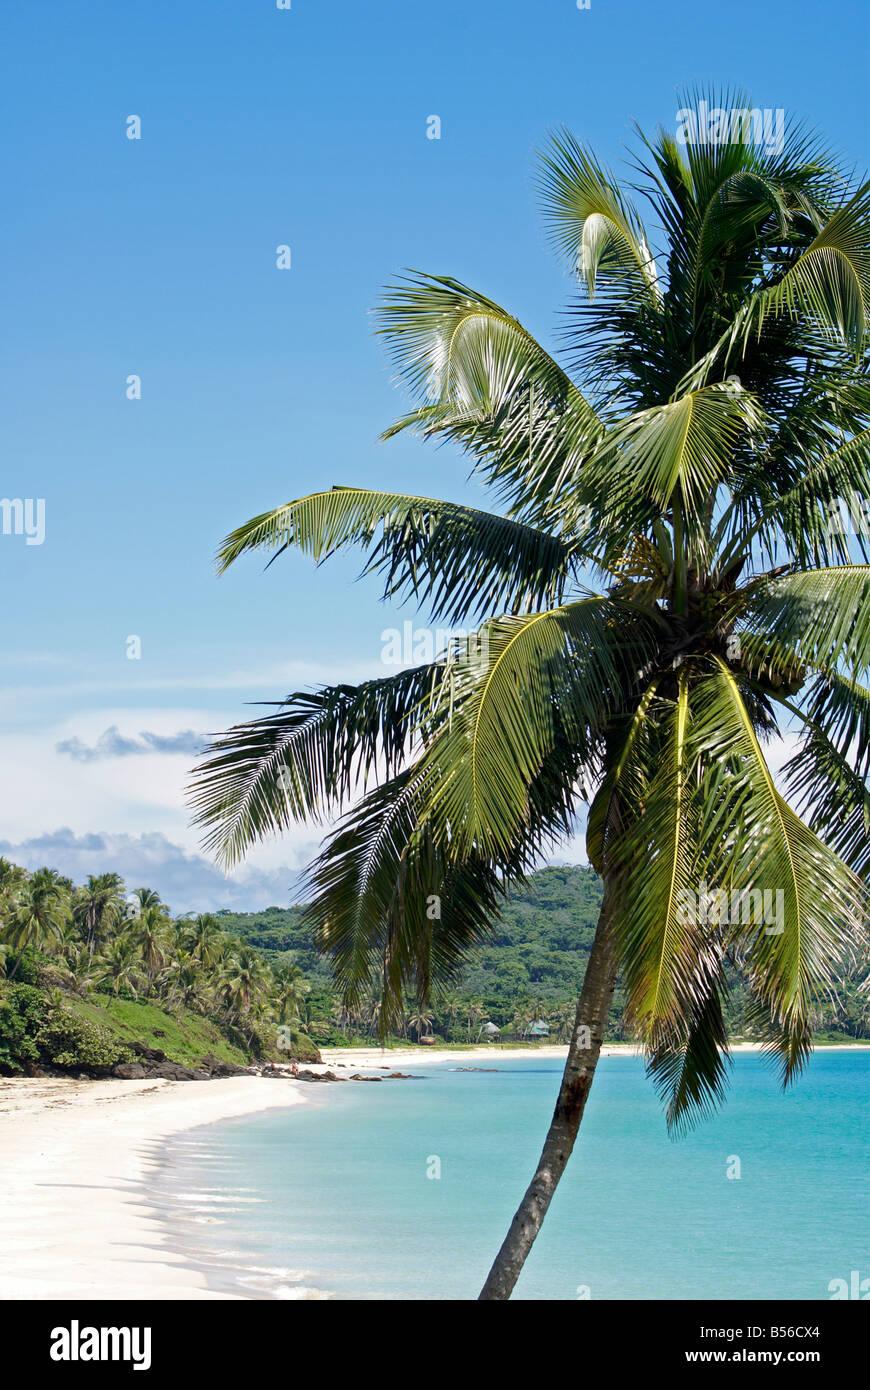 Plage des Caraïbes, sable blanc immaculé sur Big Corn Island, au Nicaragua, en Amérique centrale Banque D'Images